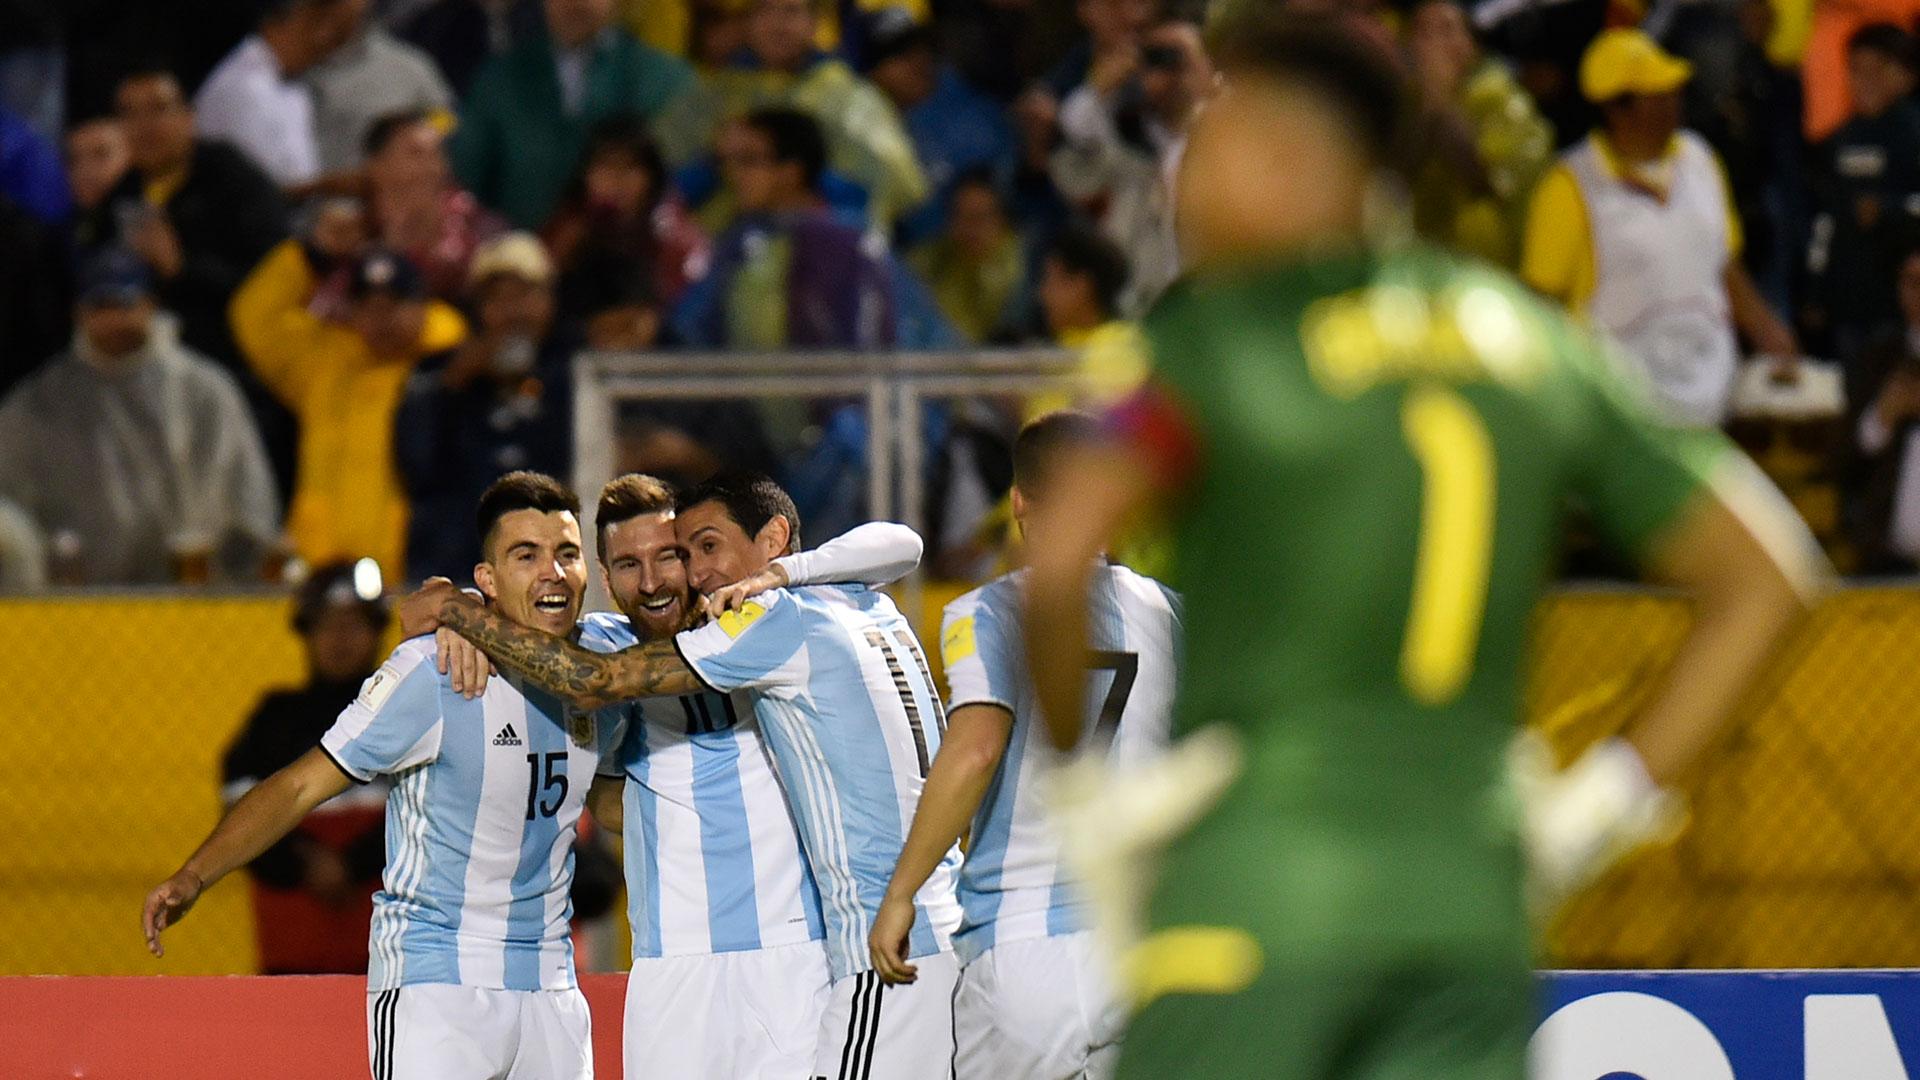 Lionel Messi, el hombre que brilló sobre los 2.850 metros sobre el nivel del mar brindó su mejor espectáculo con una obra maestra